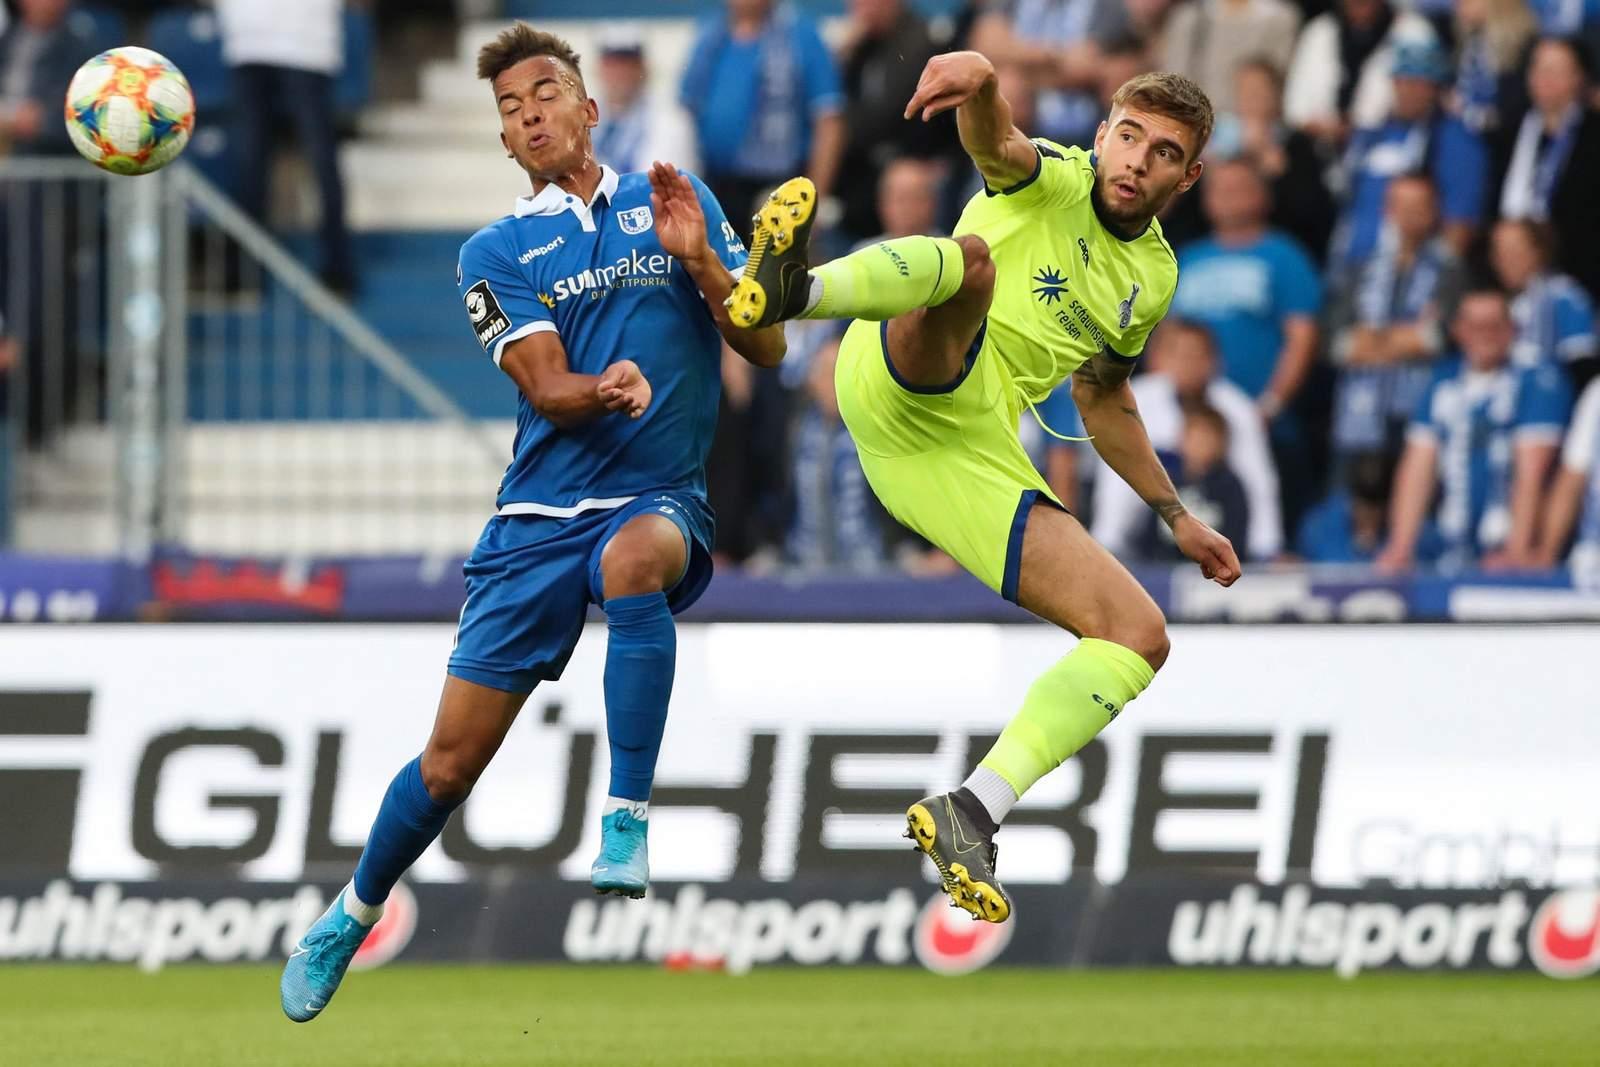 Joshua Bitter vom MSV Duisburg gegen Marcel Costly vom 1. FC Magdeburg